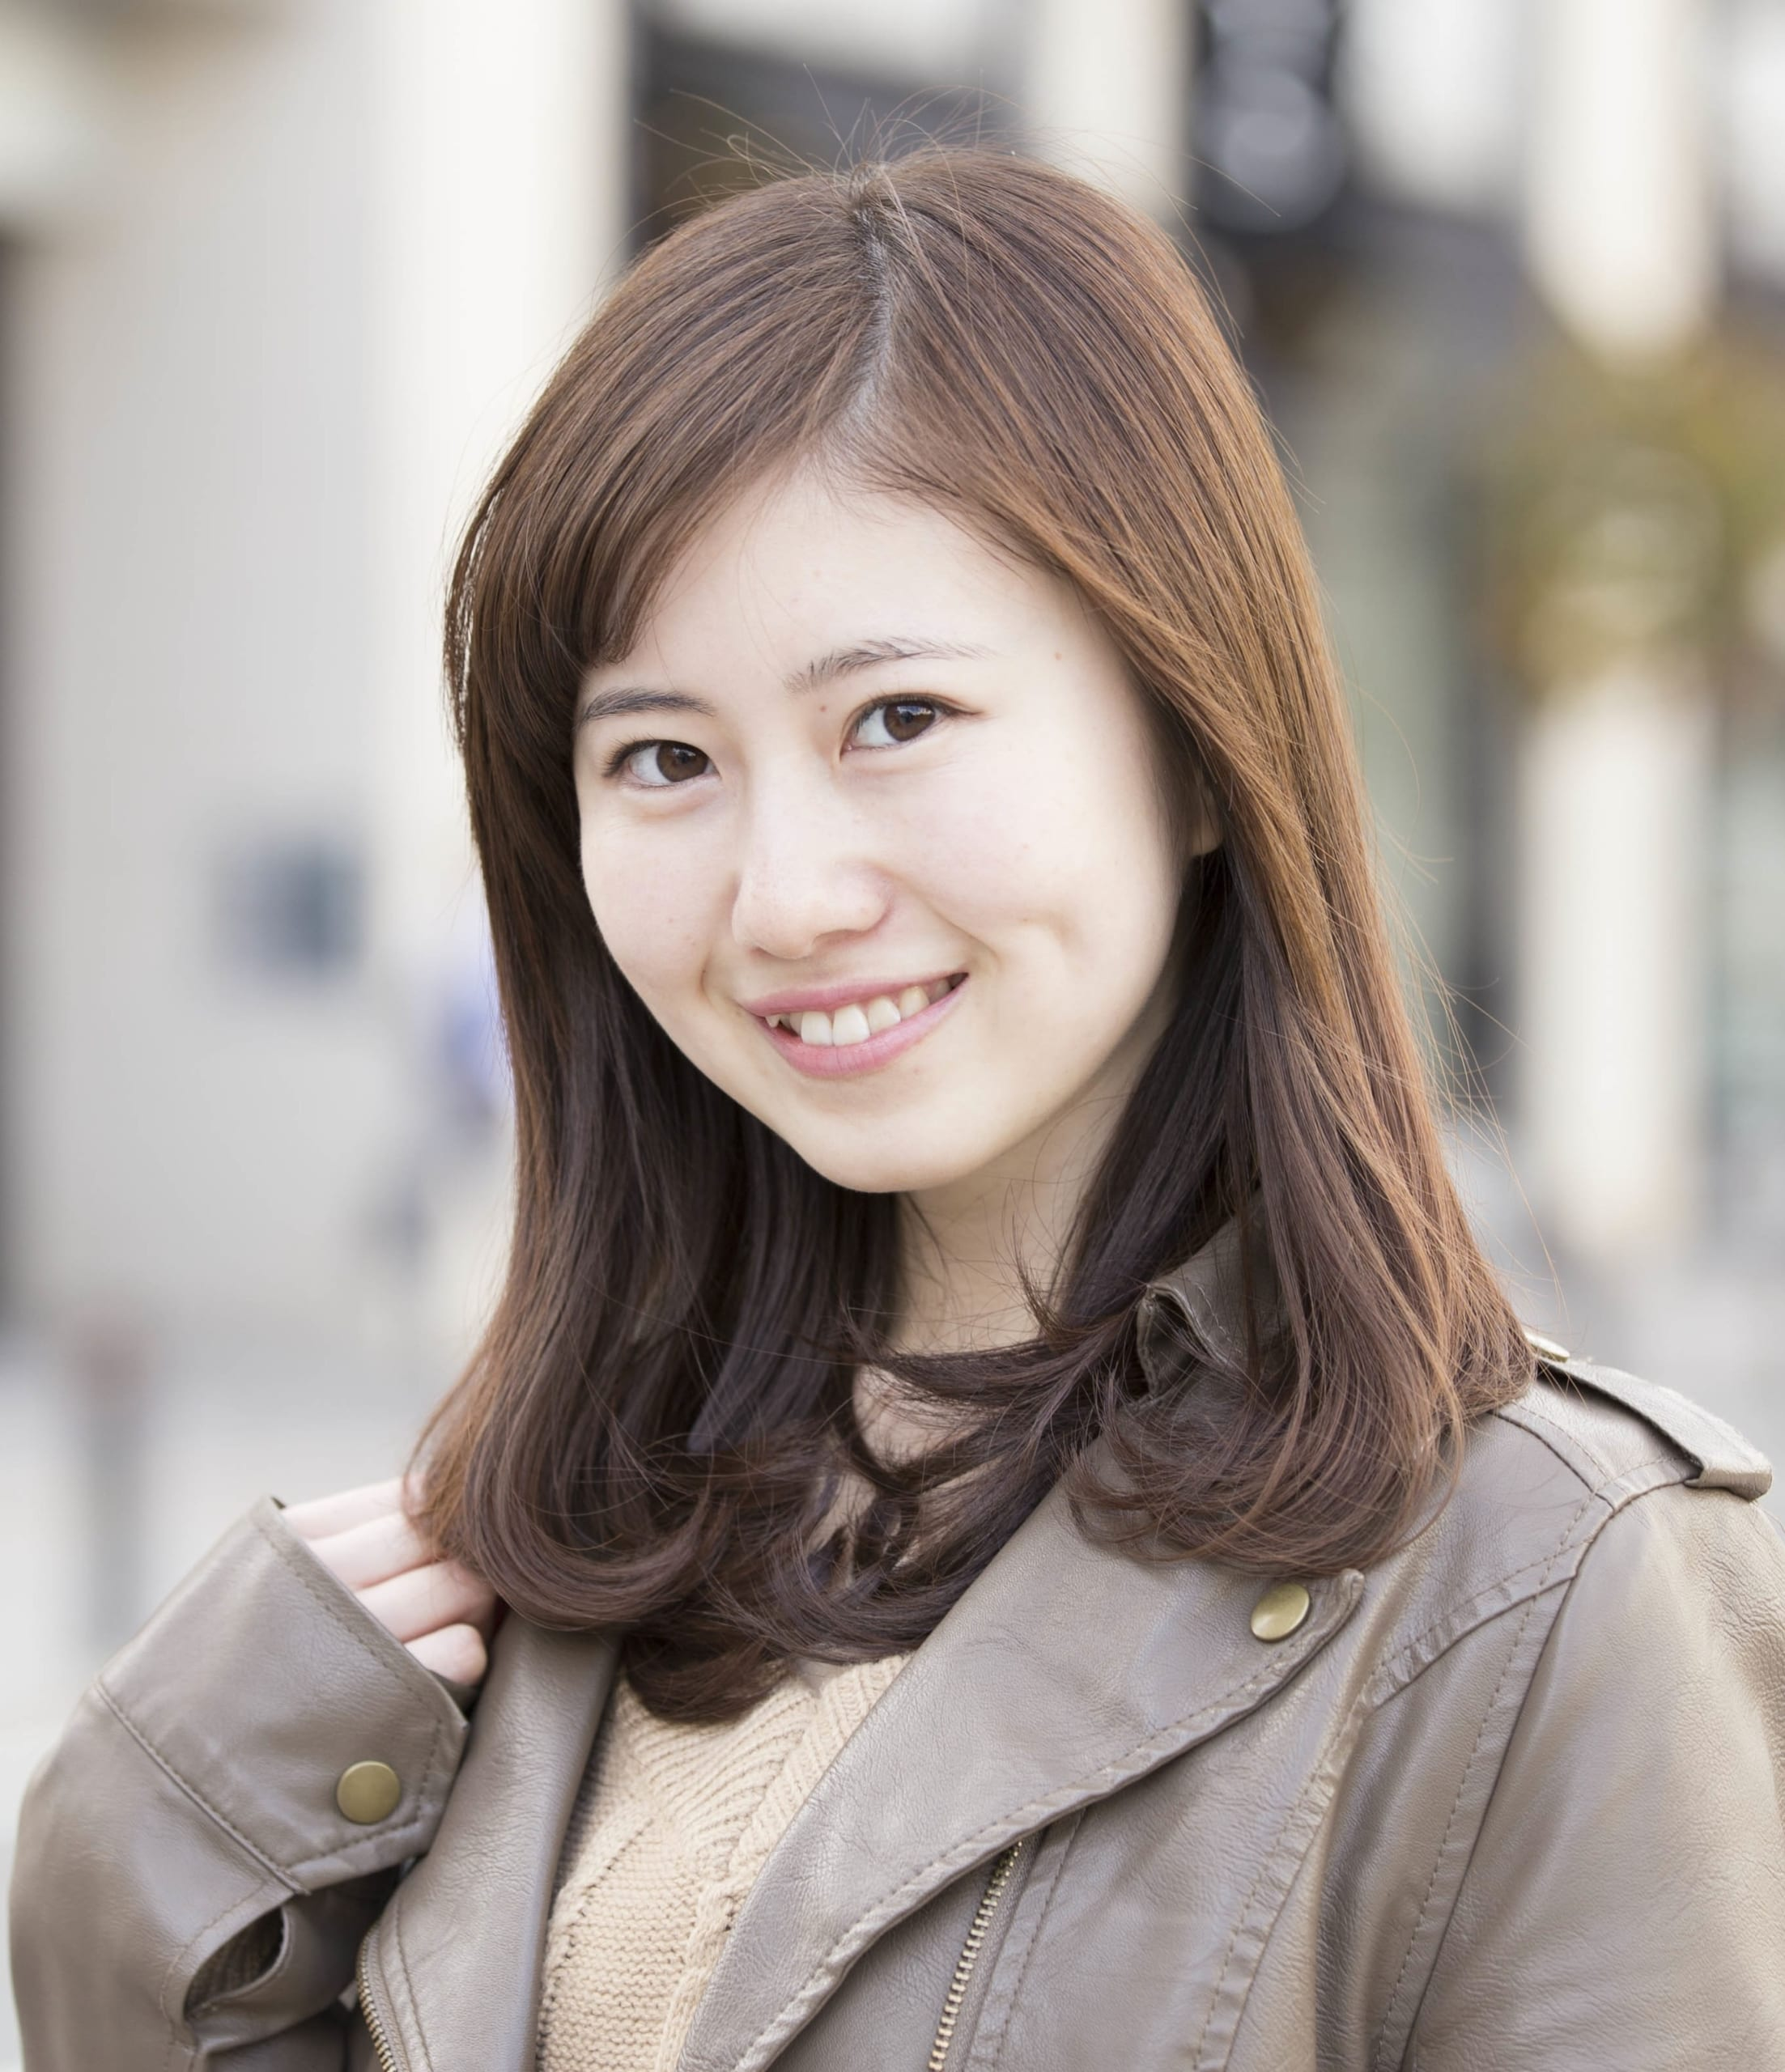 【女子SNAP】SJ美女図鑑<br />その柔らかな雰囲気に癒やされたい♡<br />網野 栞さん・学生